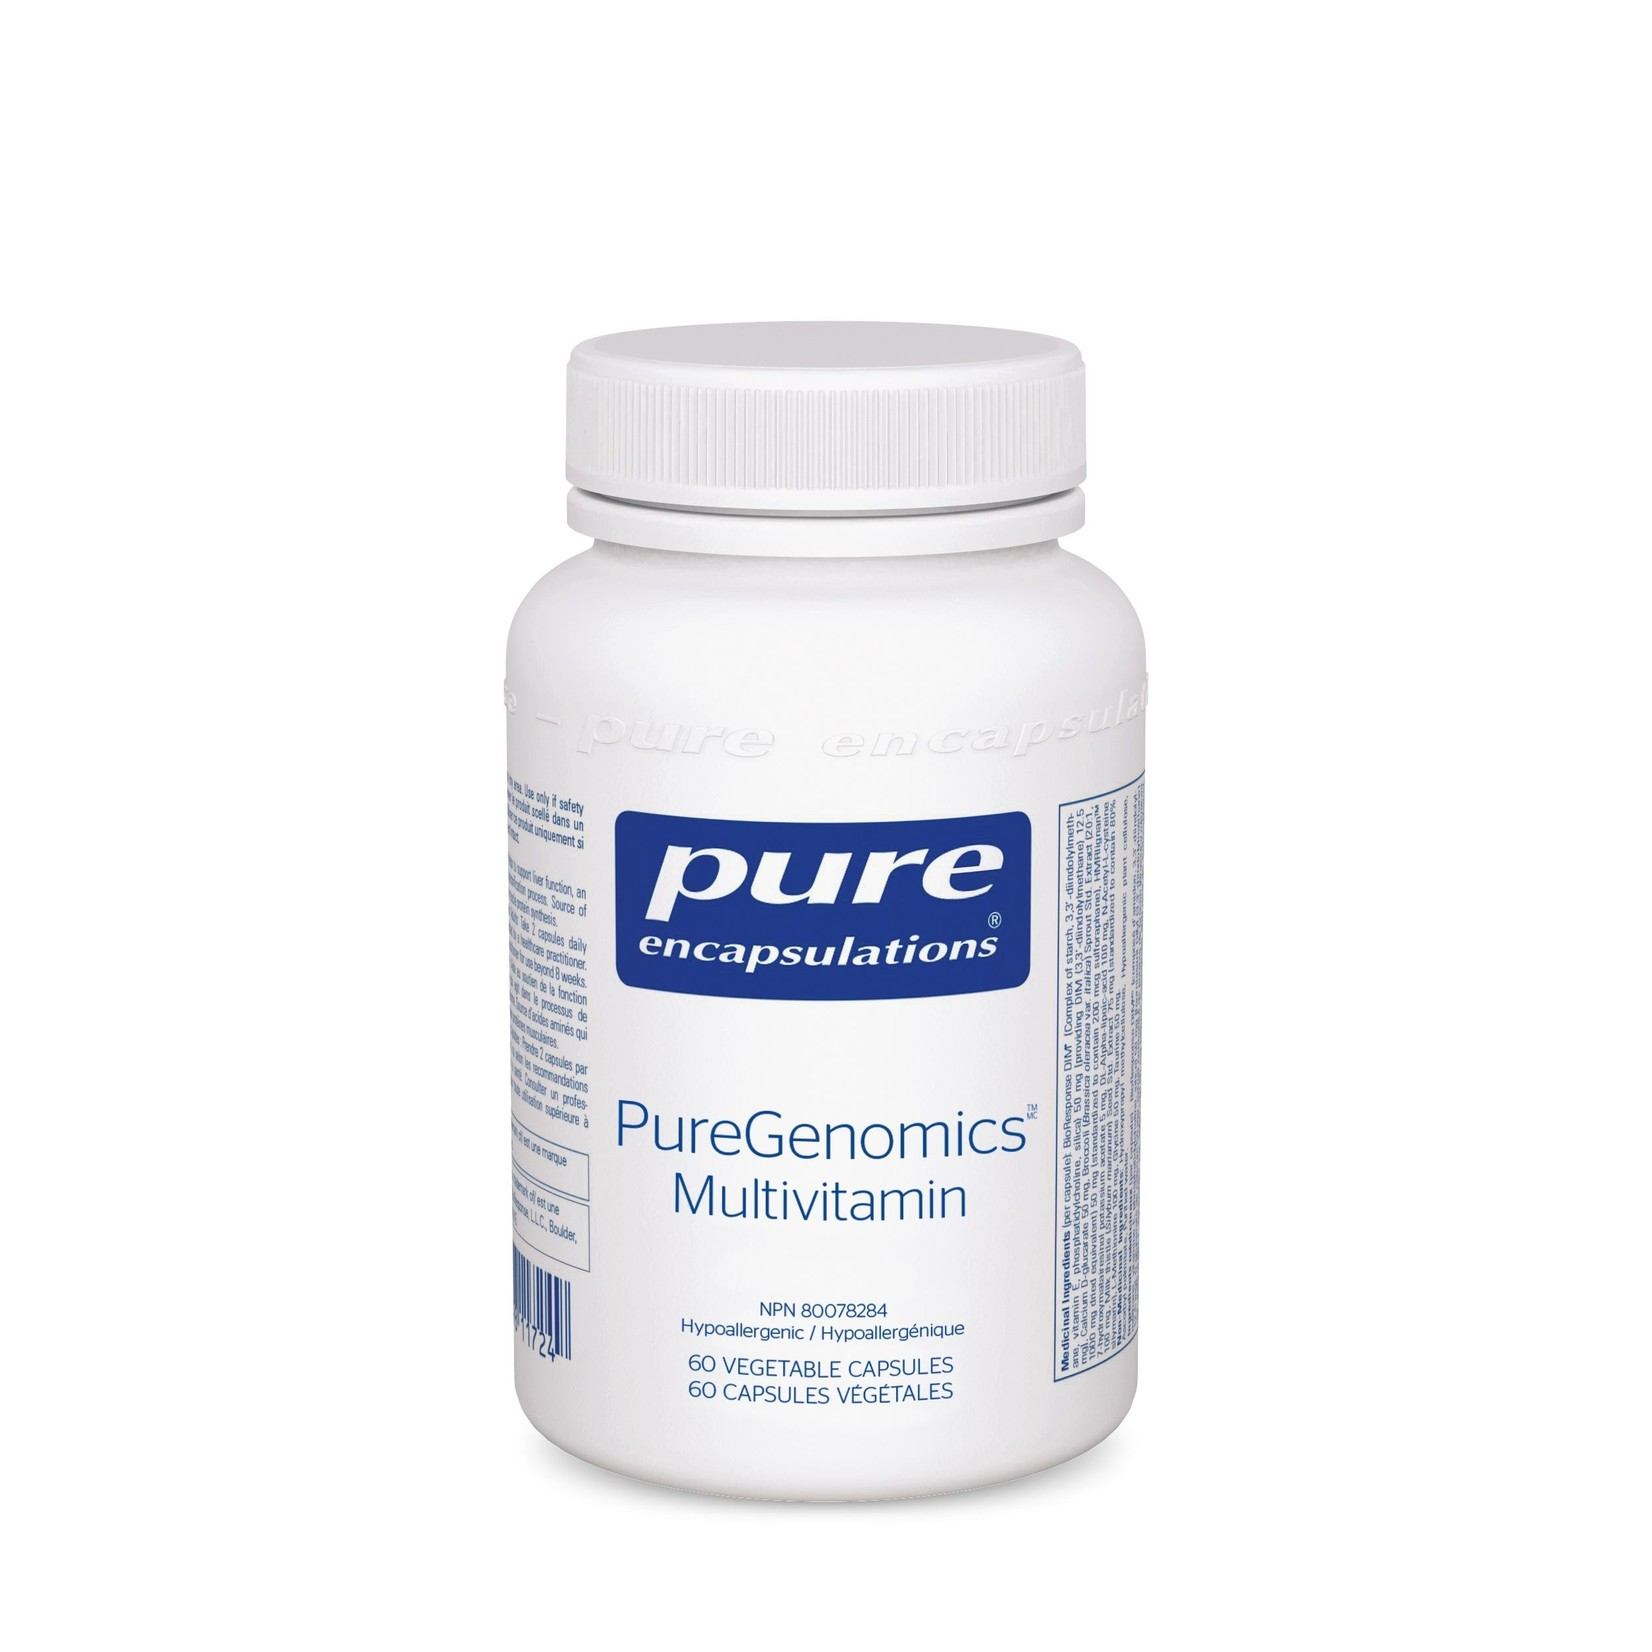 Pure Encapsulations PureGenomics Multivitamin 60 caps